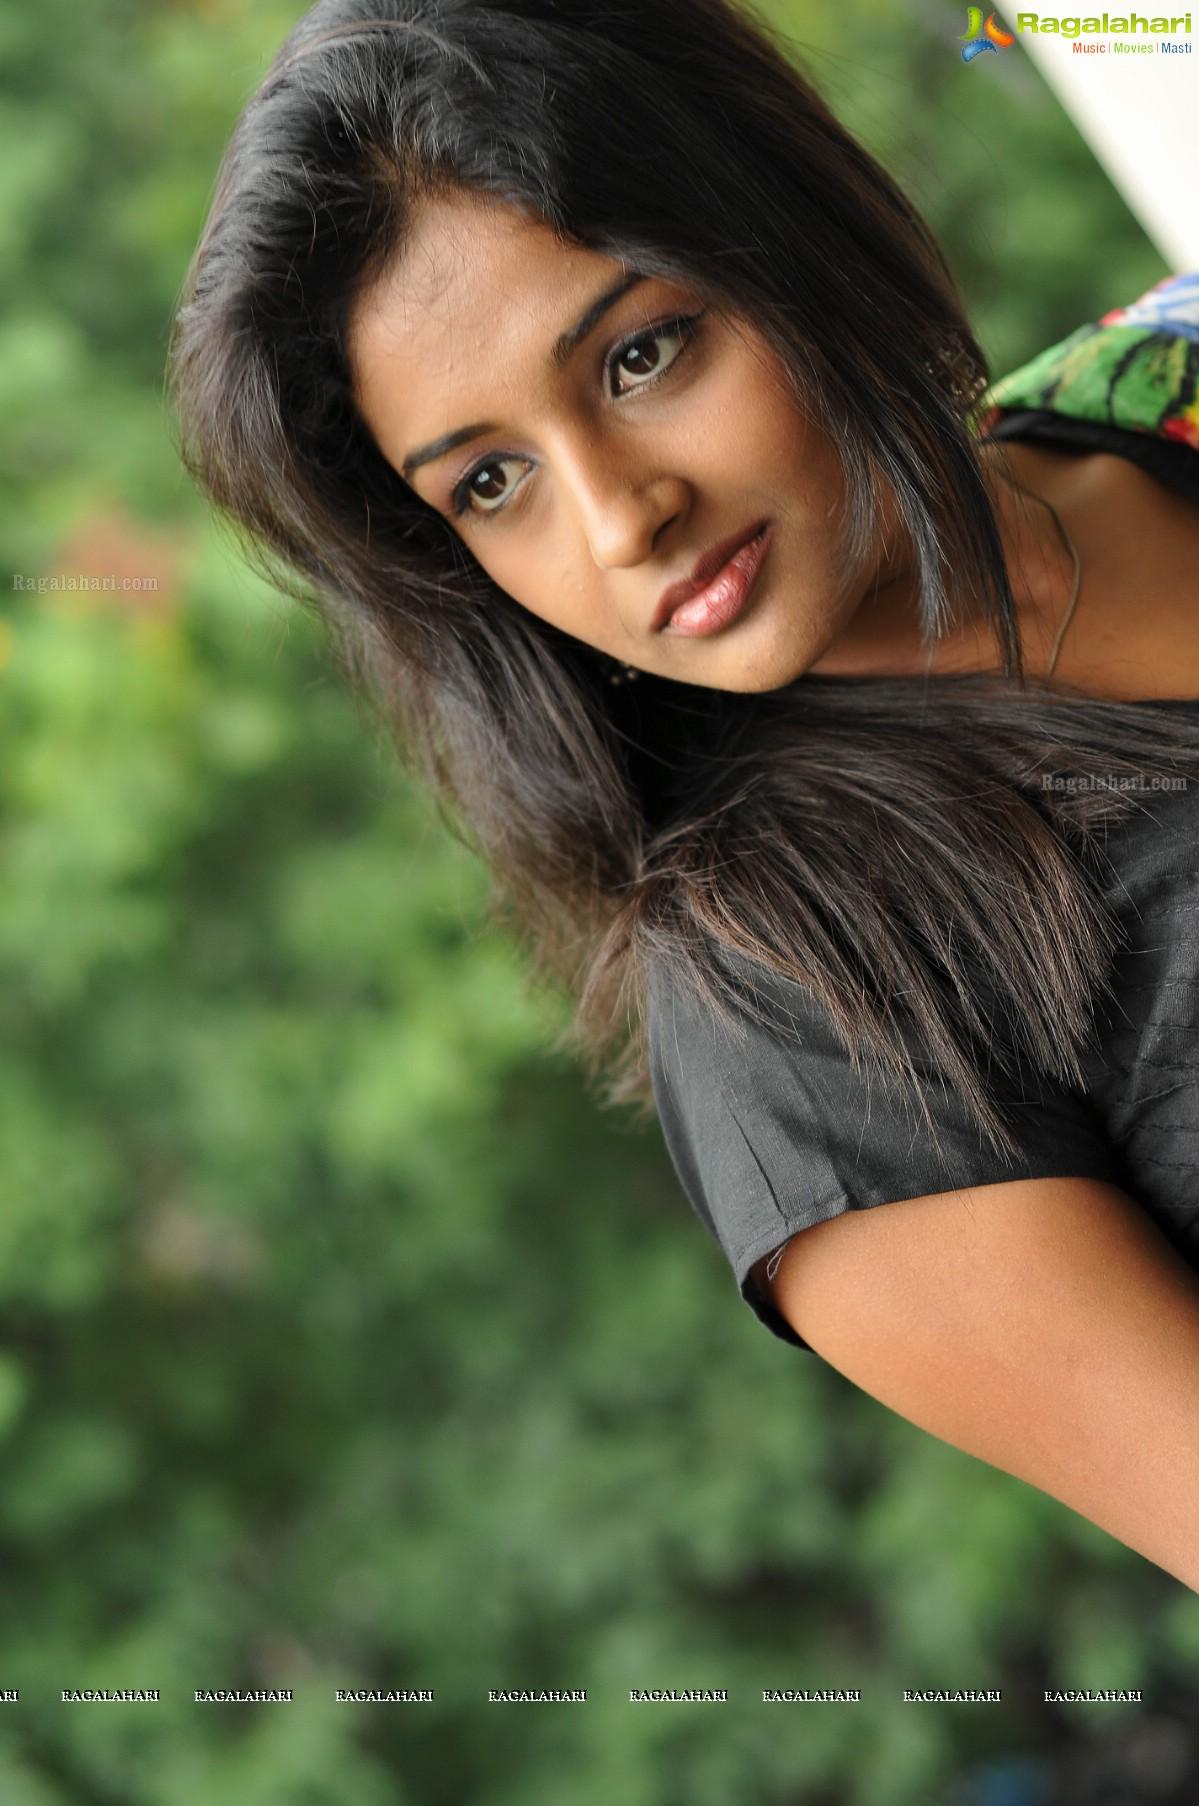 Amitha Rao Image 96 Telugu Movie Actress Photos Images Photos